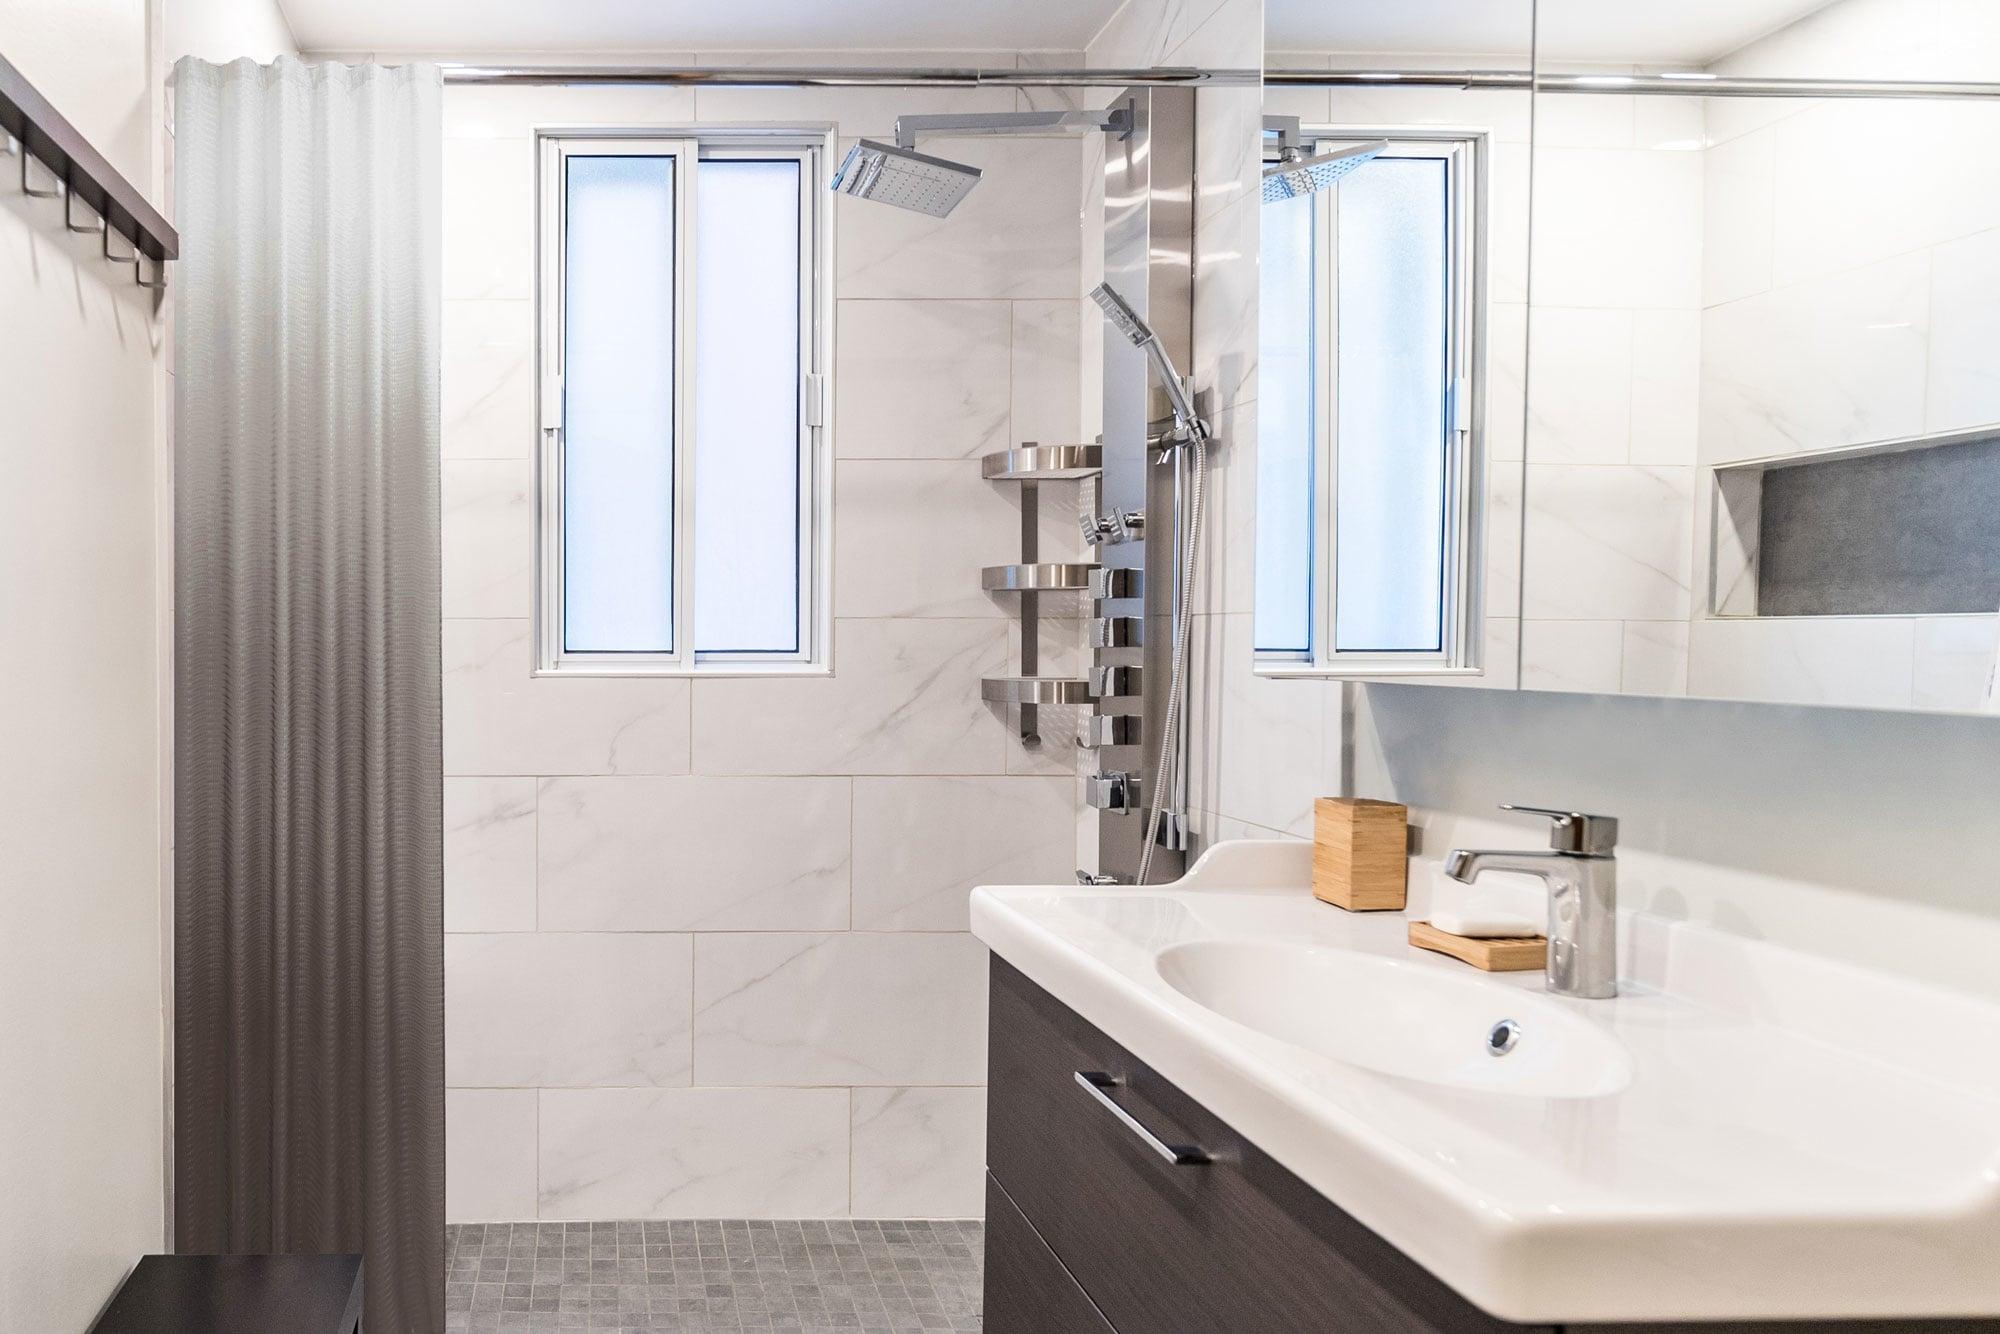 rénovation d'une petite salle de bain avec douche en céramique